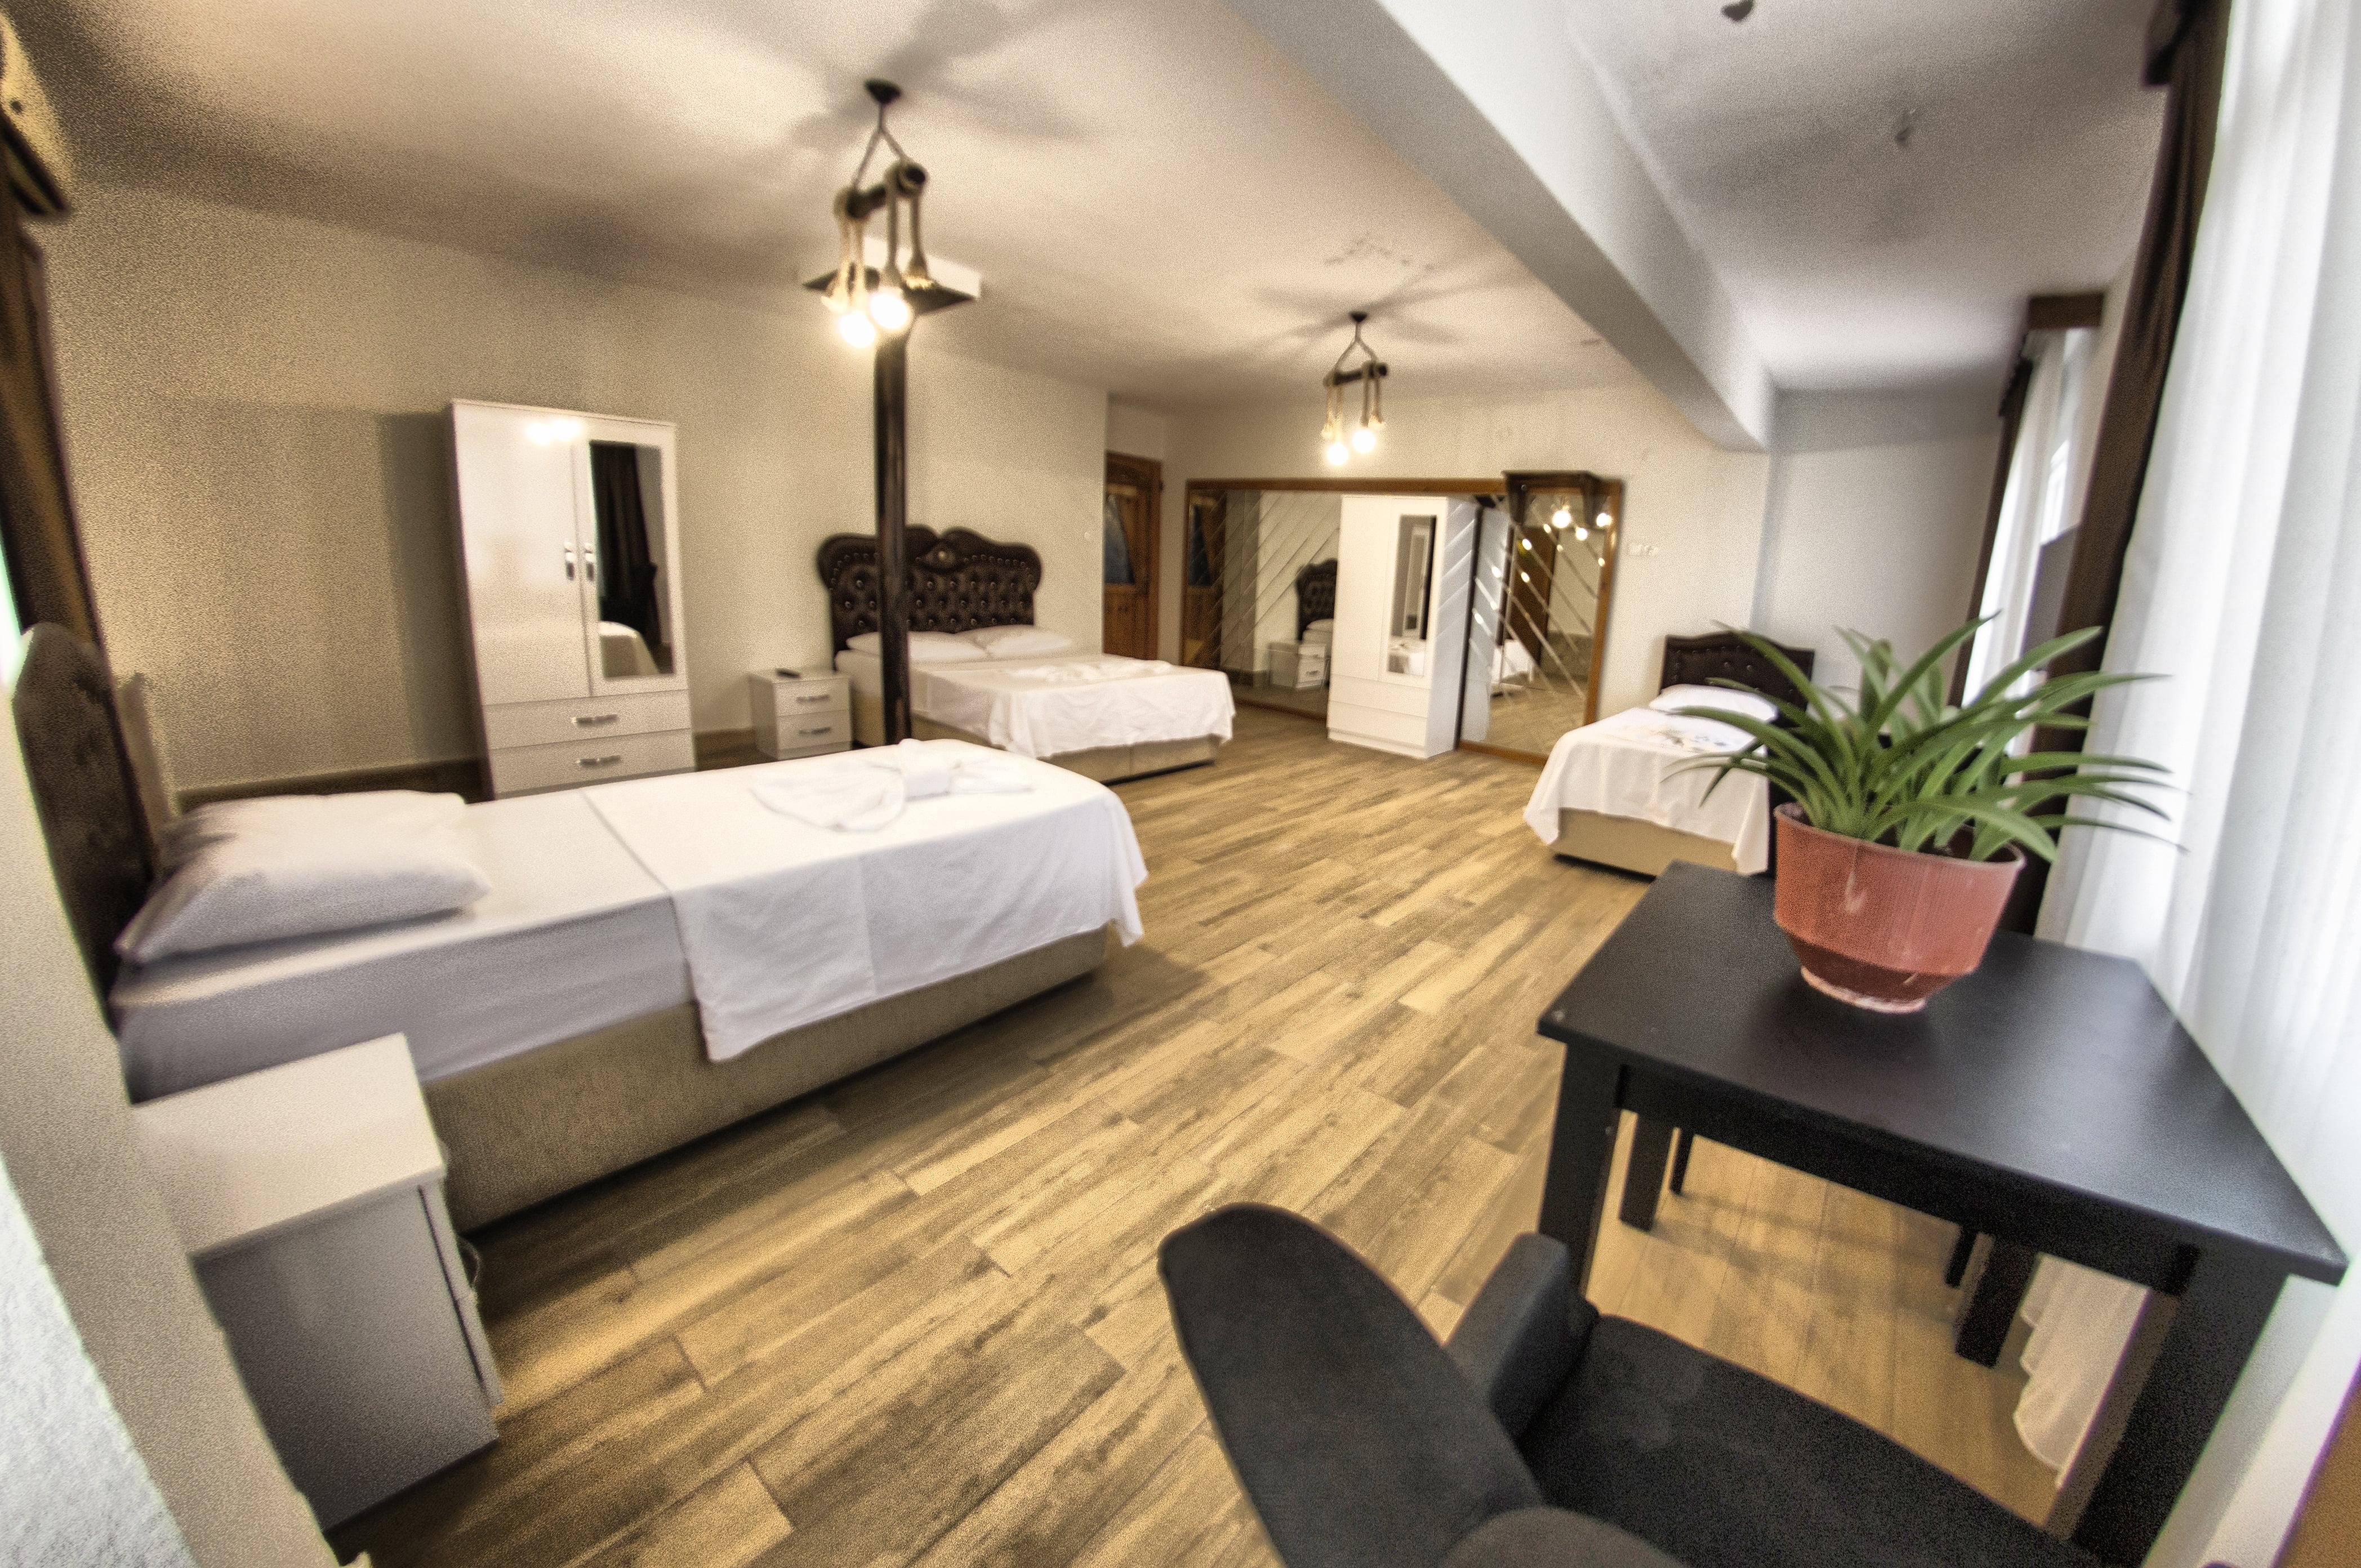 Aile Odası 4 Kişilik - Selcuk Hotel Atillas Getaway Resort